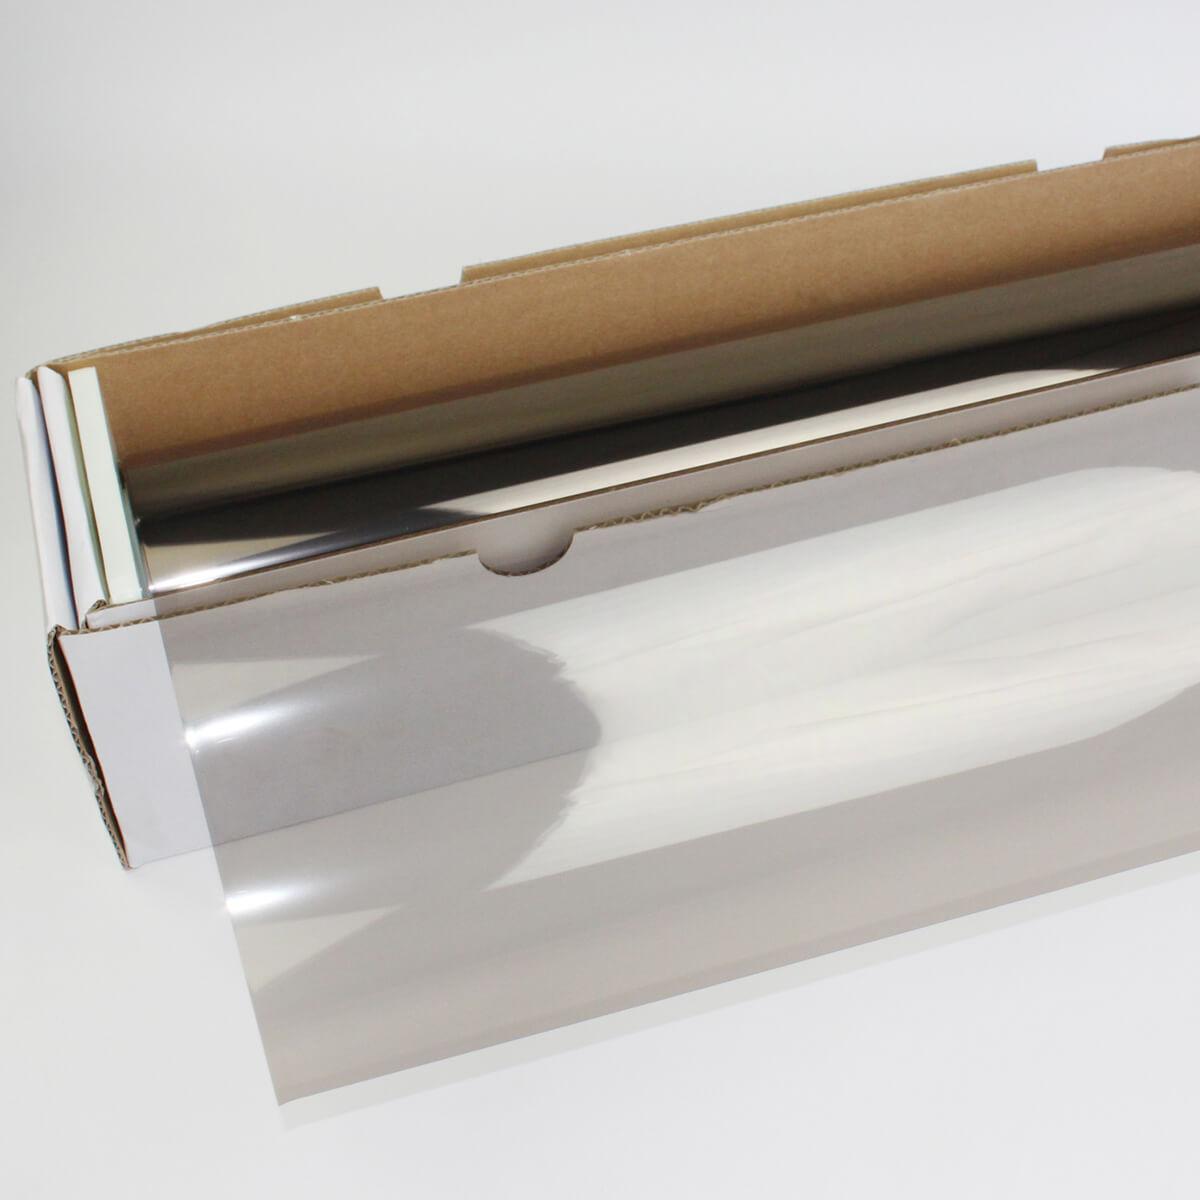 送料無料 ウィンドウフィルム 窓ガラスフィルム SPブロンズメタル50(55%) 50cm幅×30mロール箱売 遮熱フィルム 断熱フィルム UVカットフィルム ブレインテック Braintec